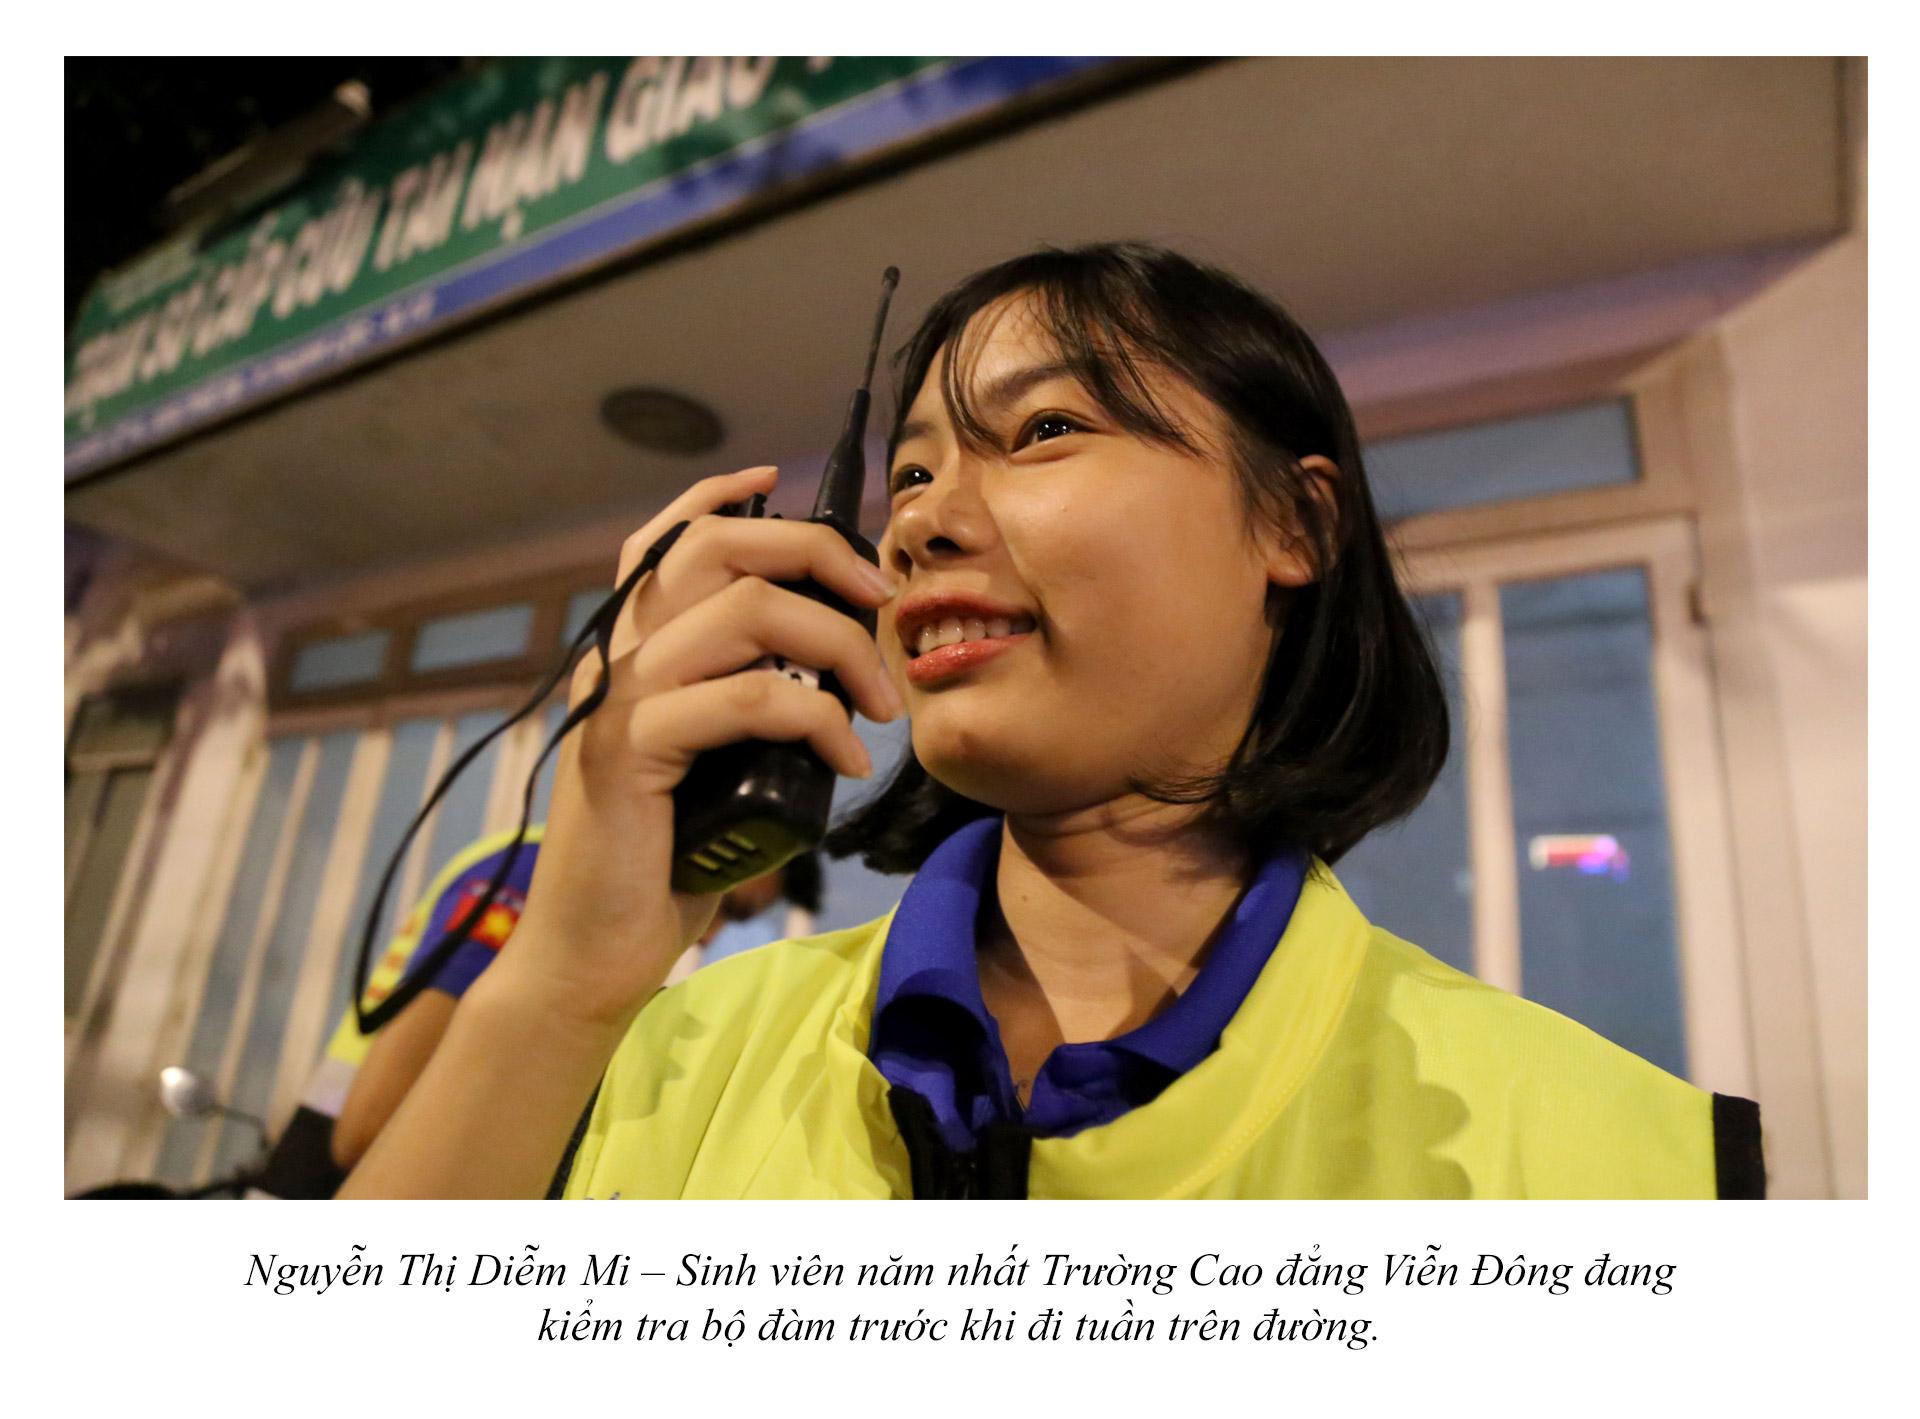 Biệt đội cứu hộ xuyên đêm miễn phí ở Sài Gòn - ảnh 8